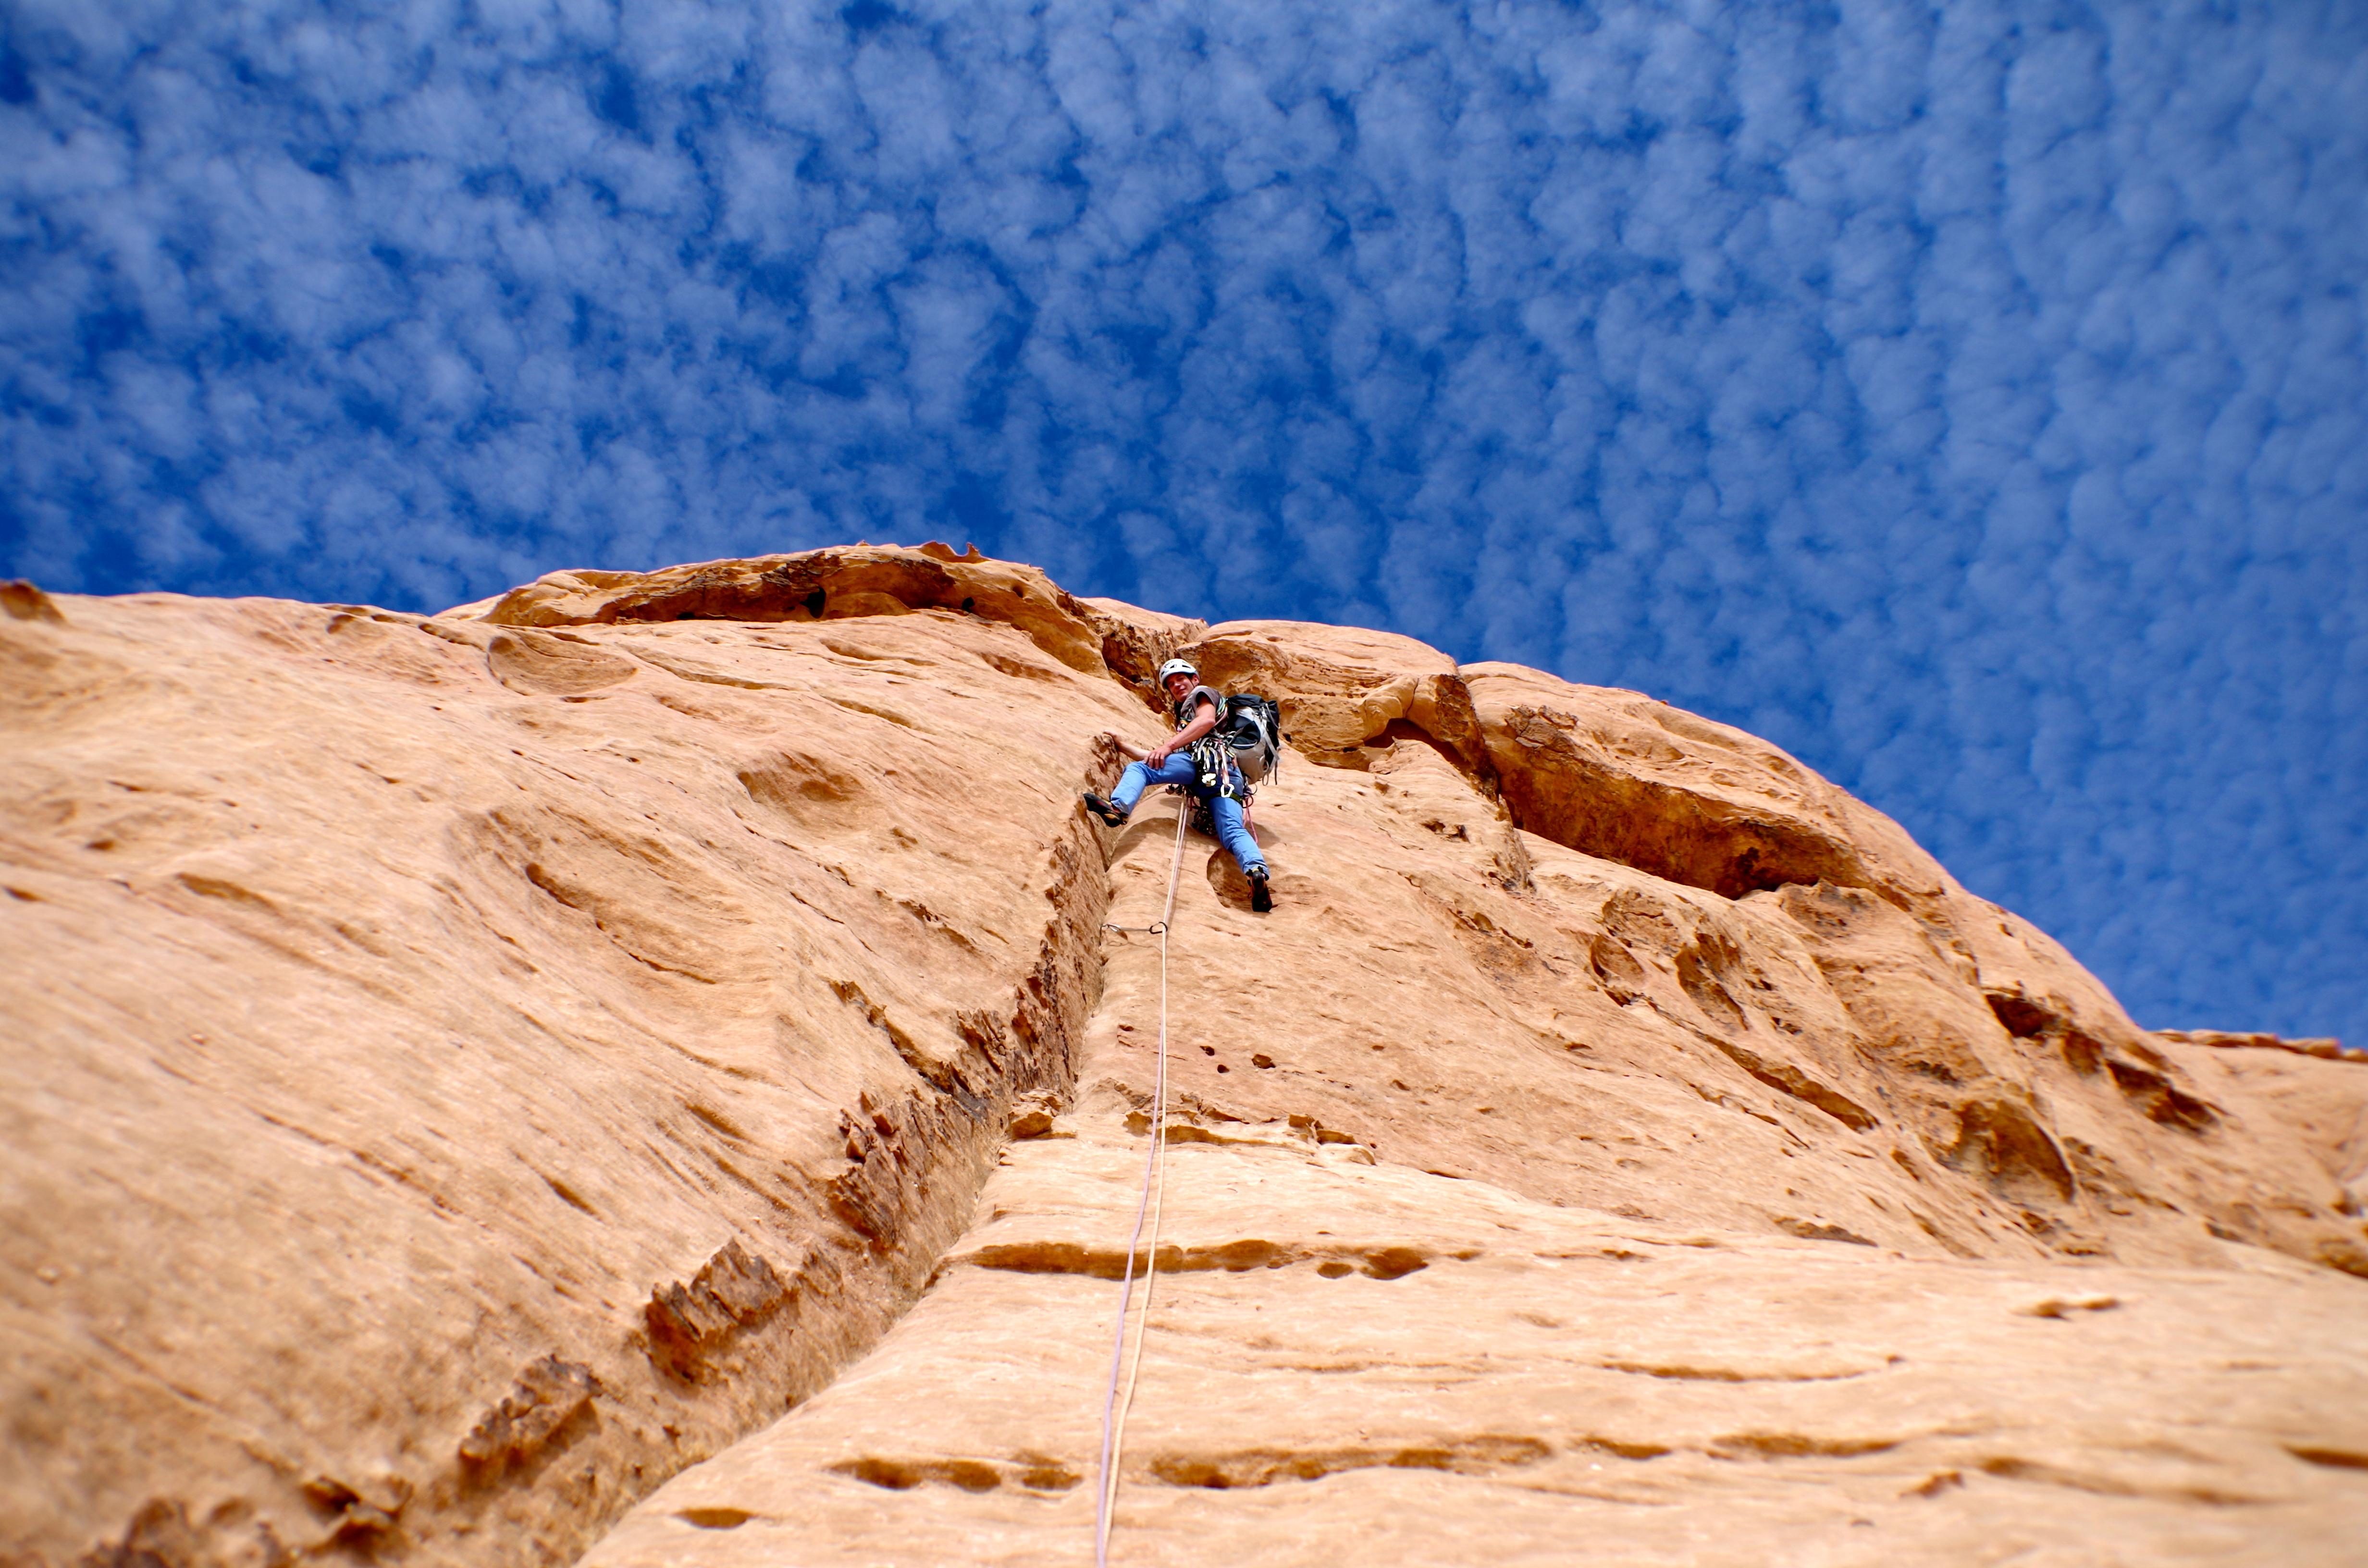 grande voie dans le désert jordanien